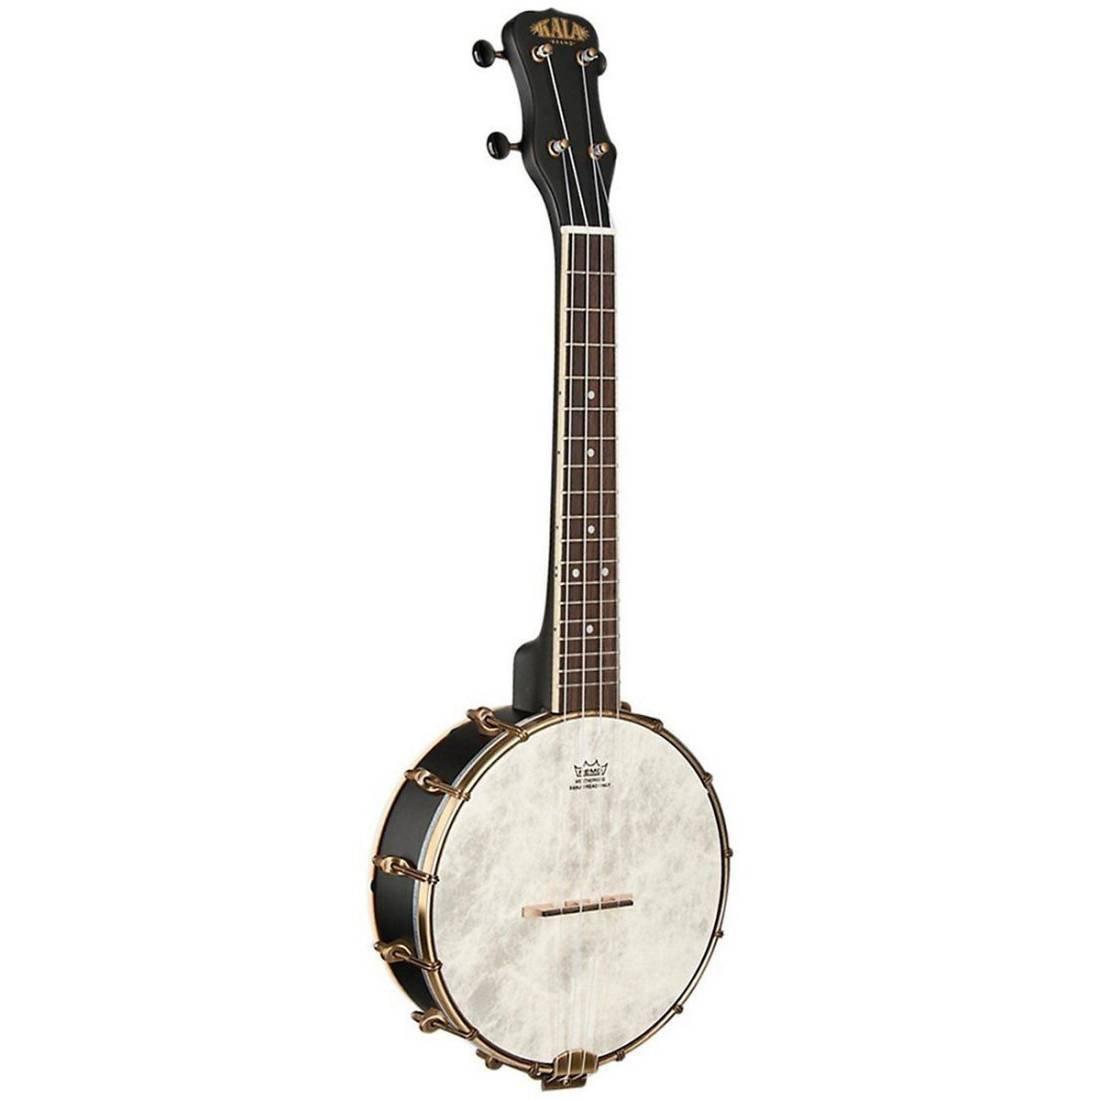 Kala Concert Banjolele